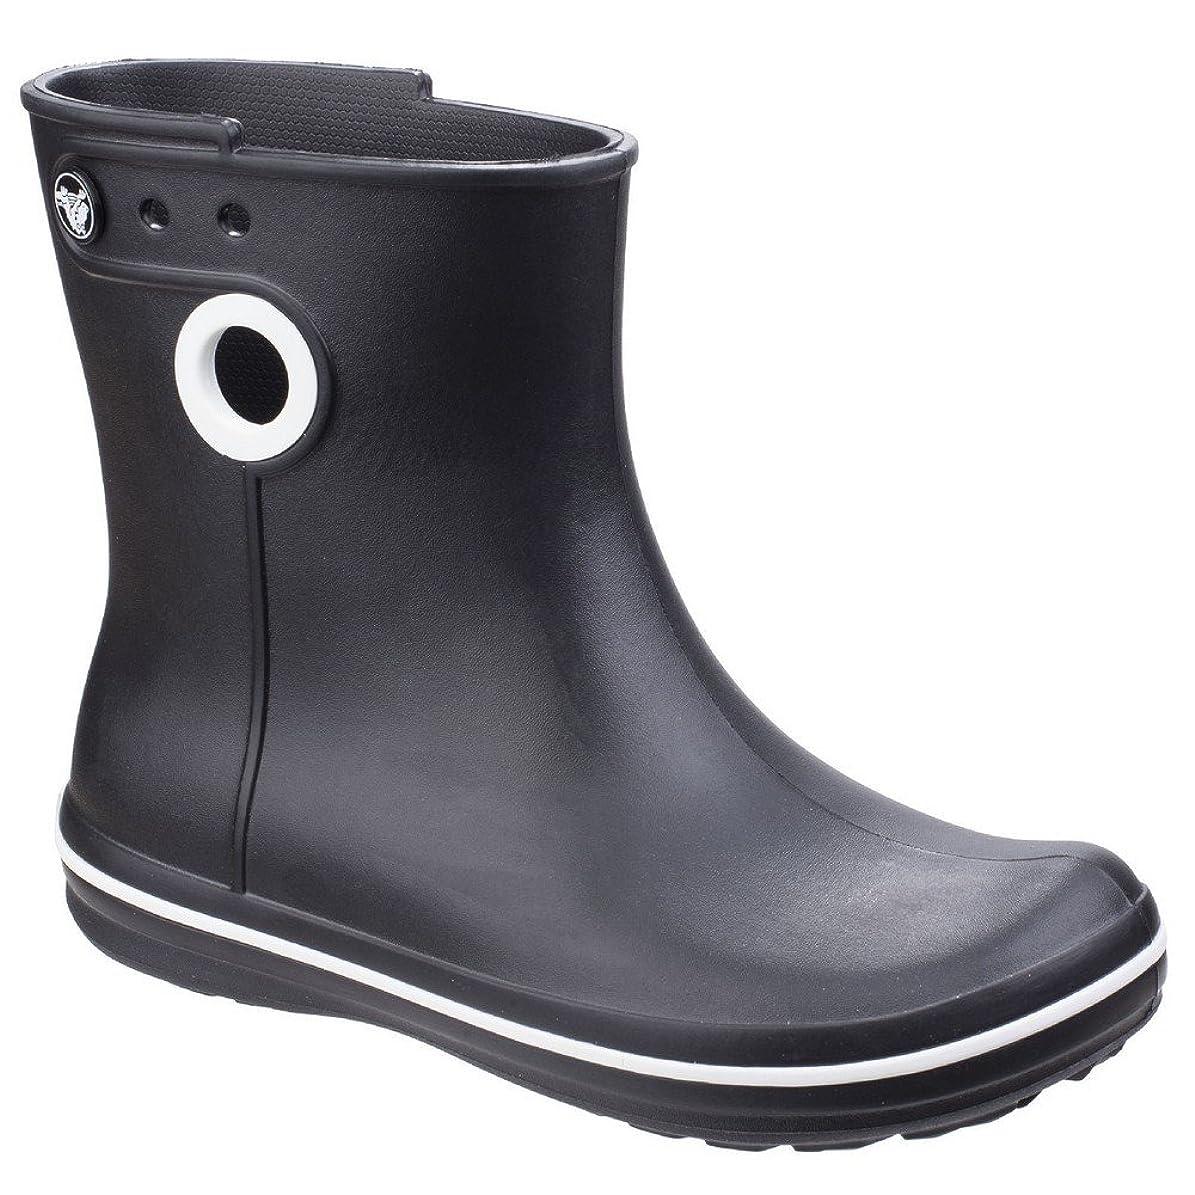 失われた休眠猫背[Crocs] (クロックス) レディース Jaunt ショート丈 ブーツ 長靴 婦人靴 レインブーツ 女性用 (5 UK) (ブラック)